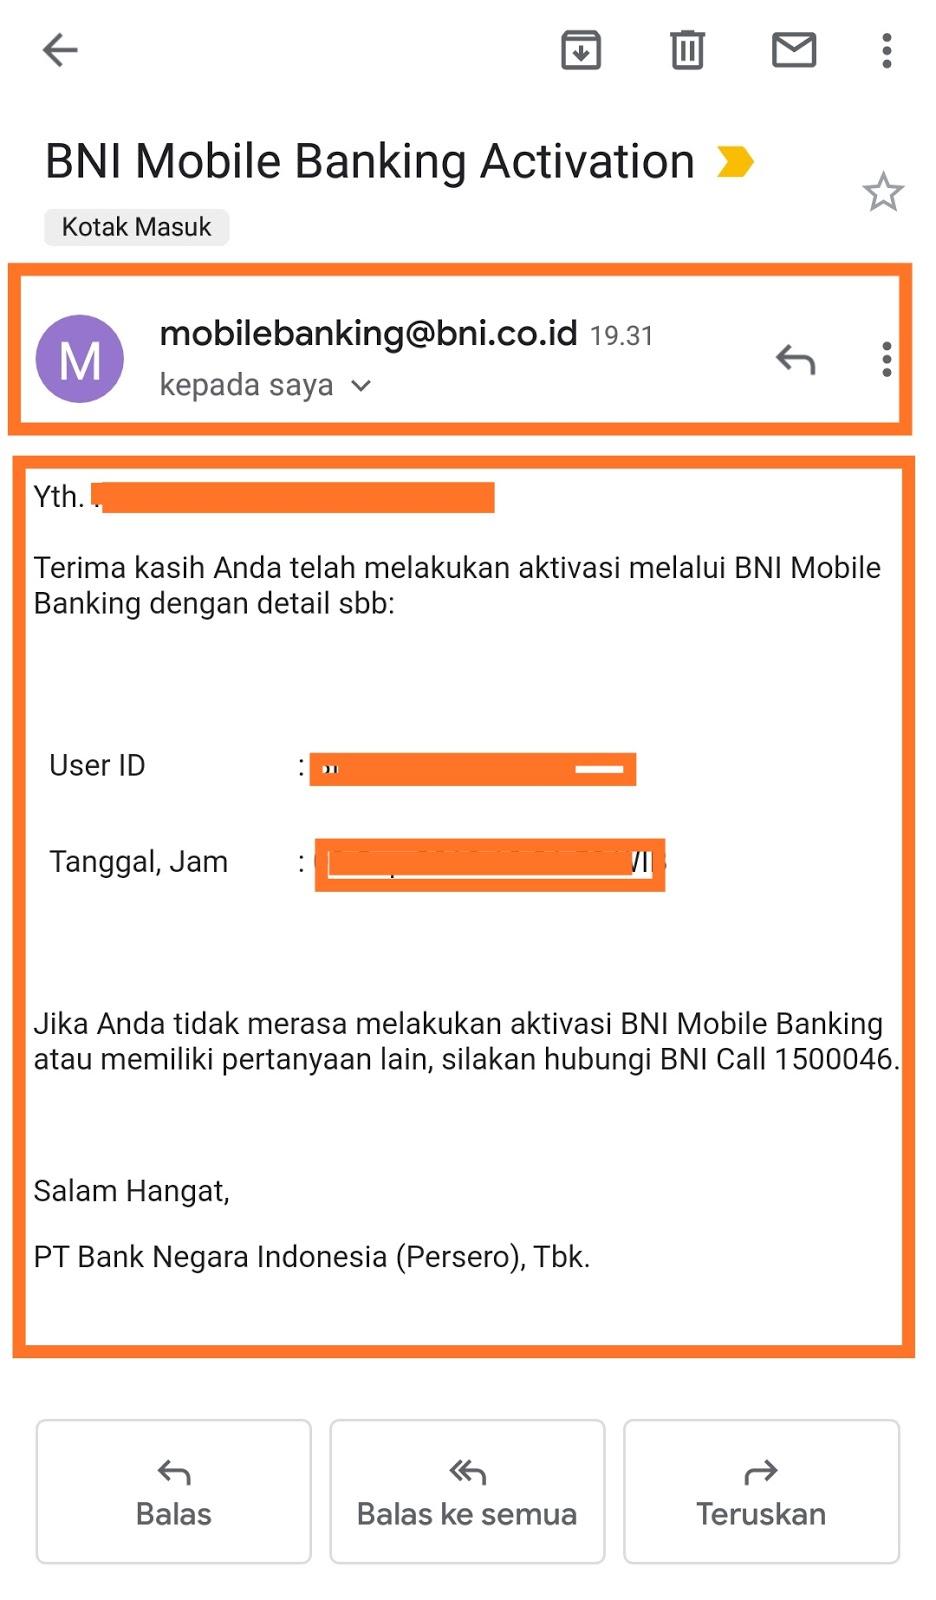 password transaksi pada bni mobile bangking